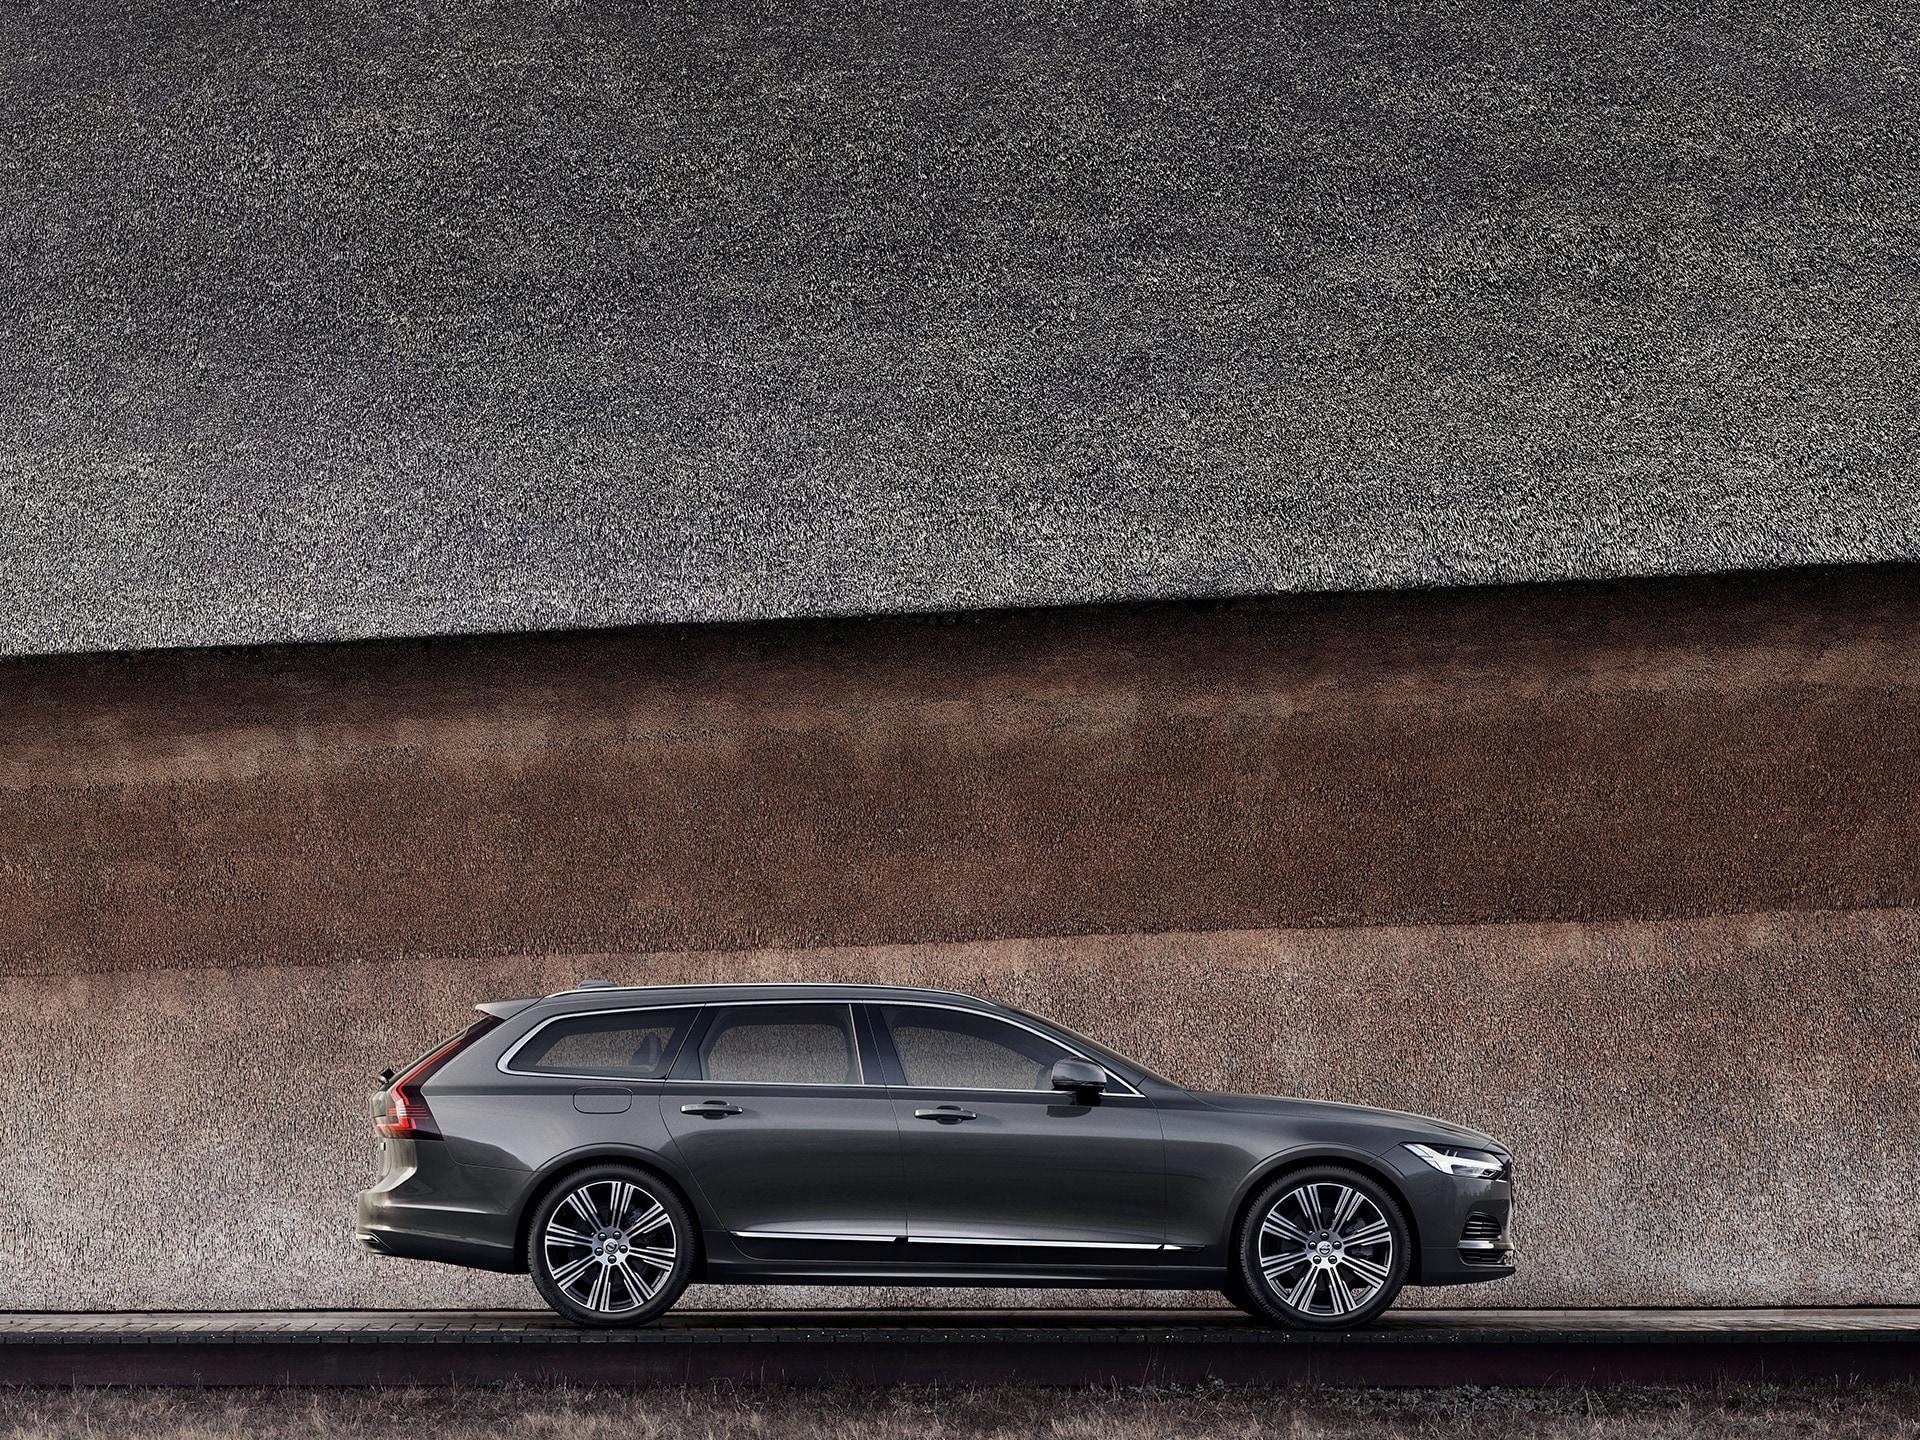 Een donkergrijze Volvo V90 geparkeerd naast een muur